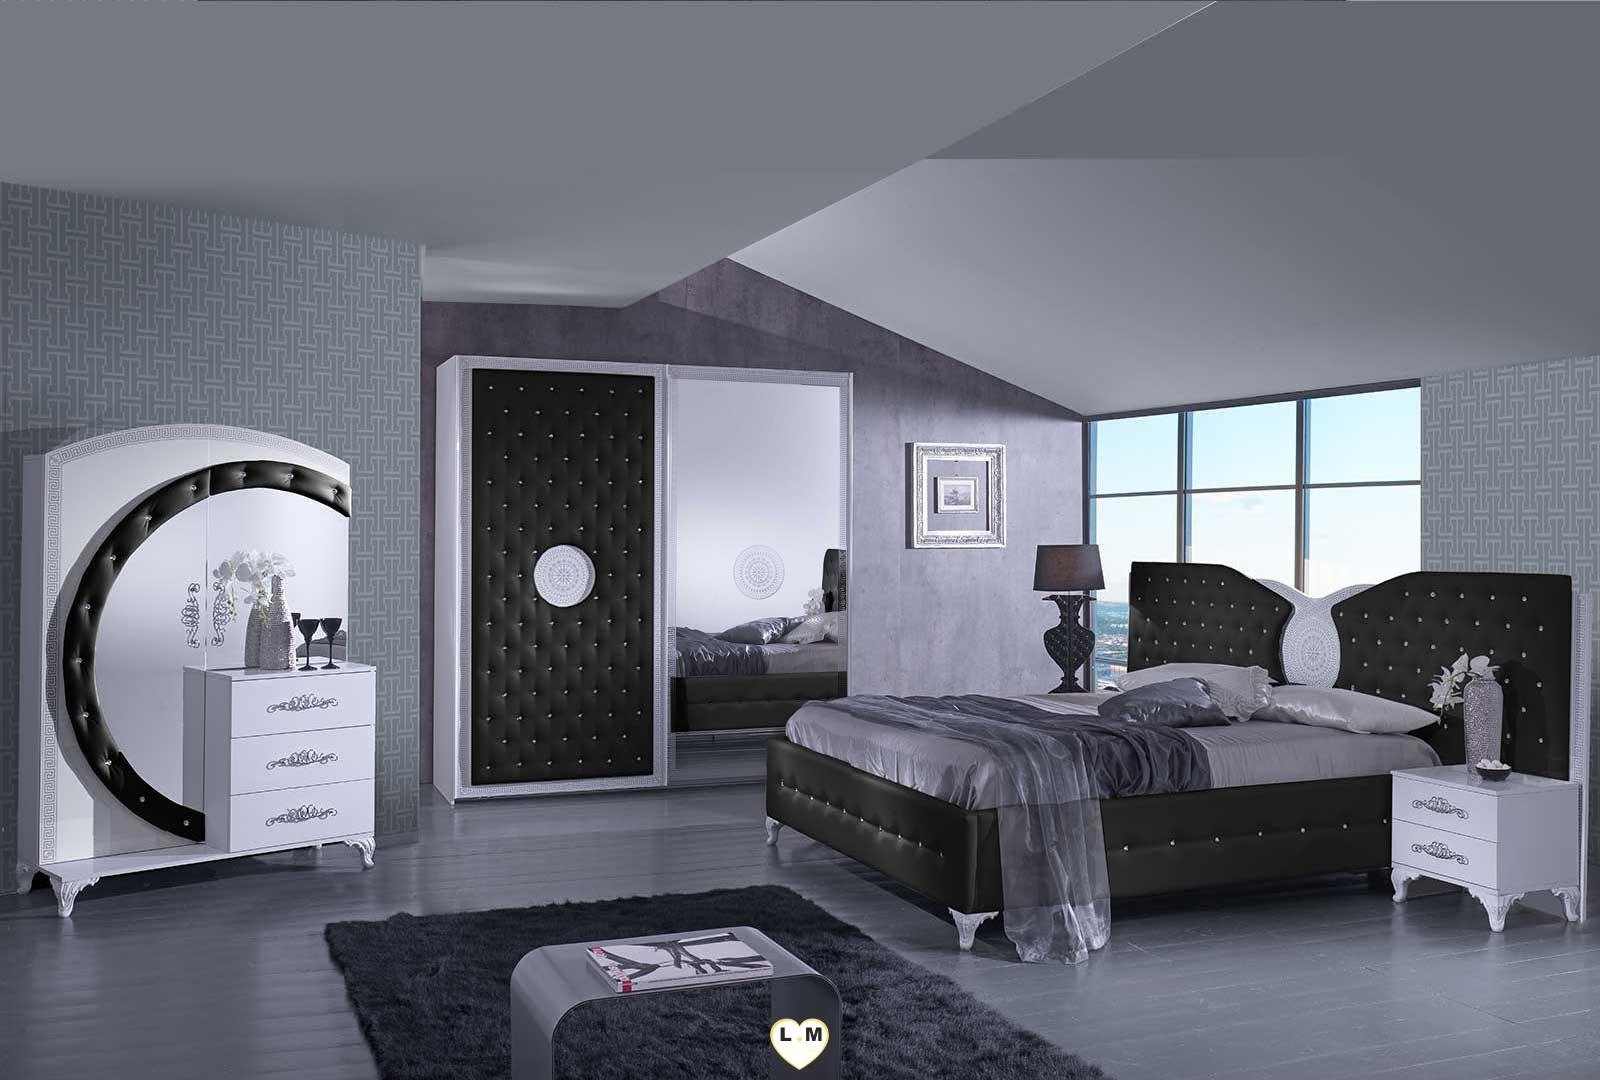 Tana noir et blanc chambre a coucher l 39 armoire for Chambre a coucher noir et blanc